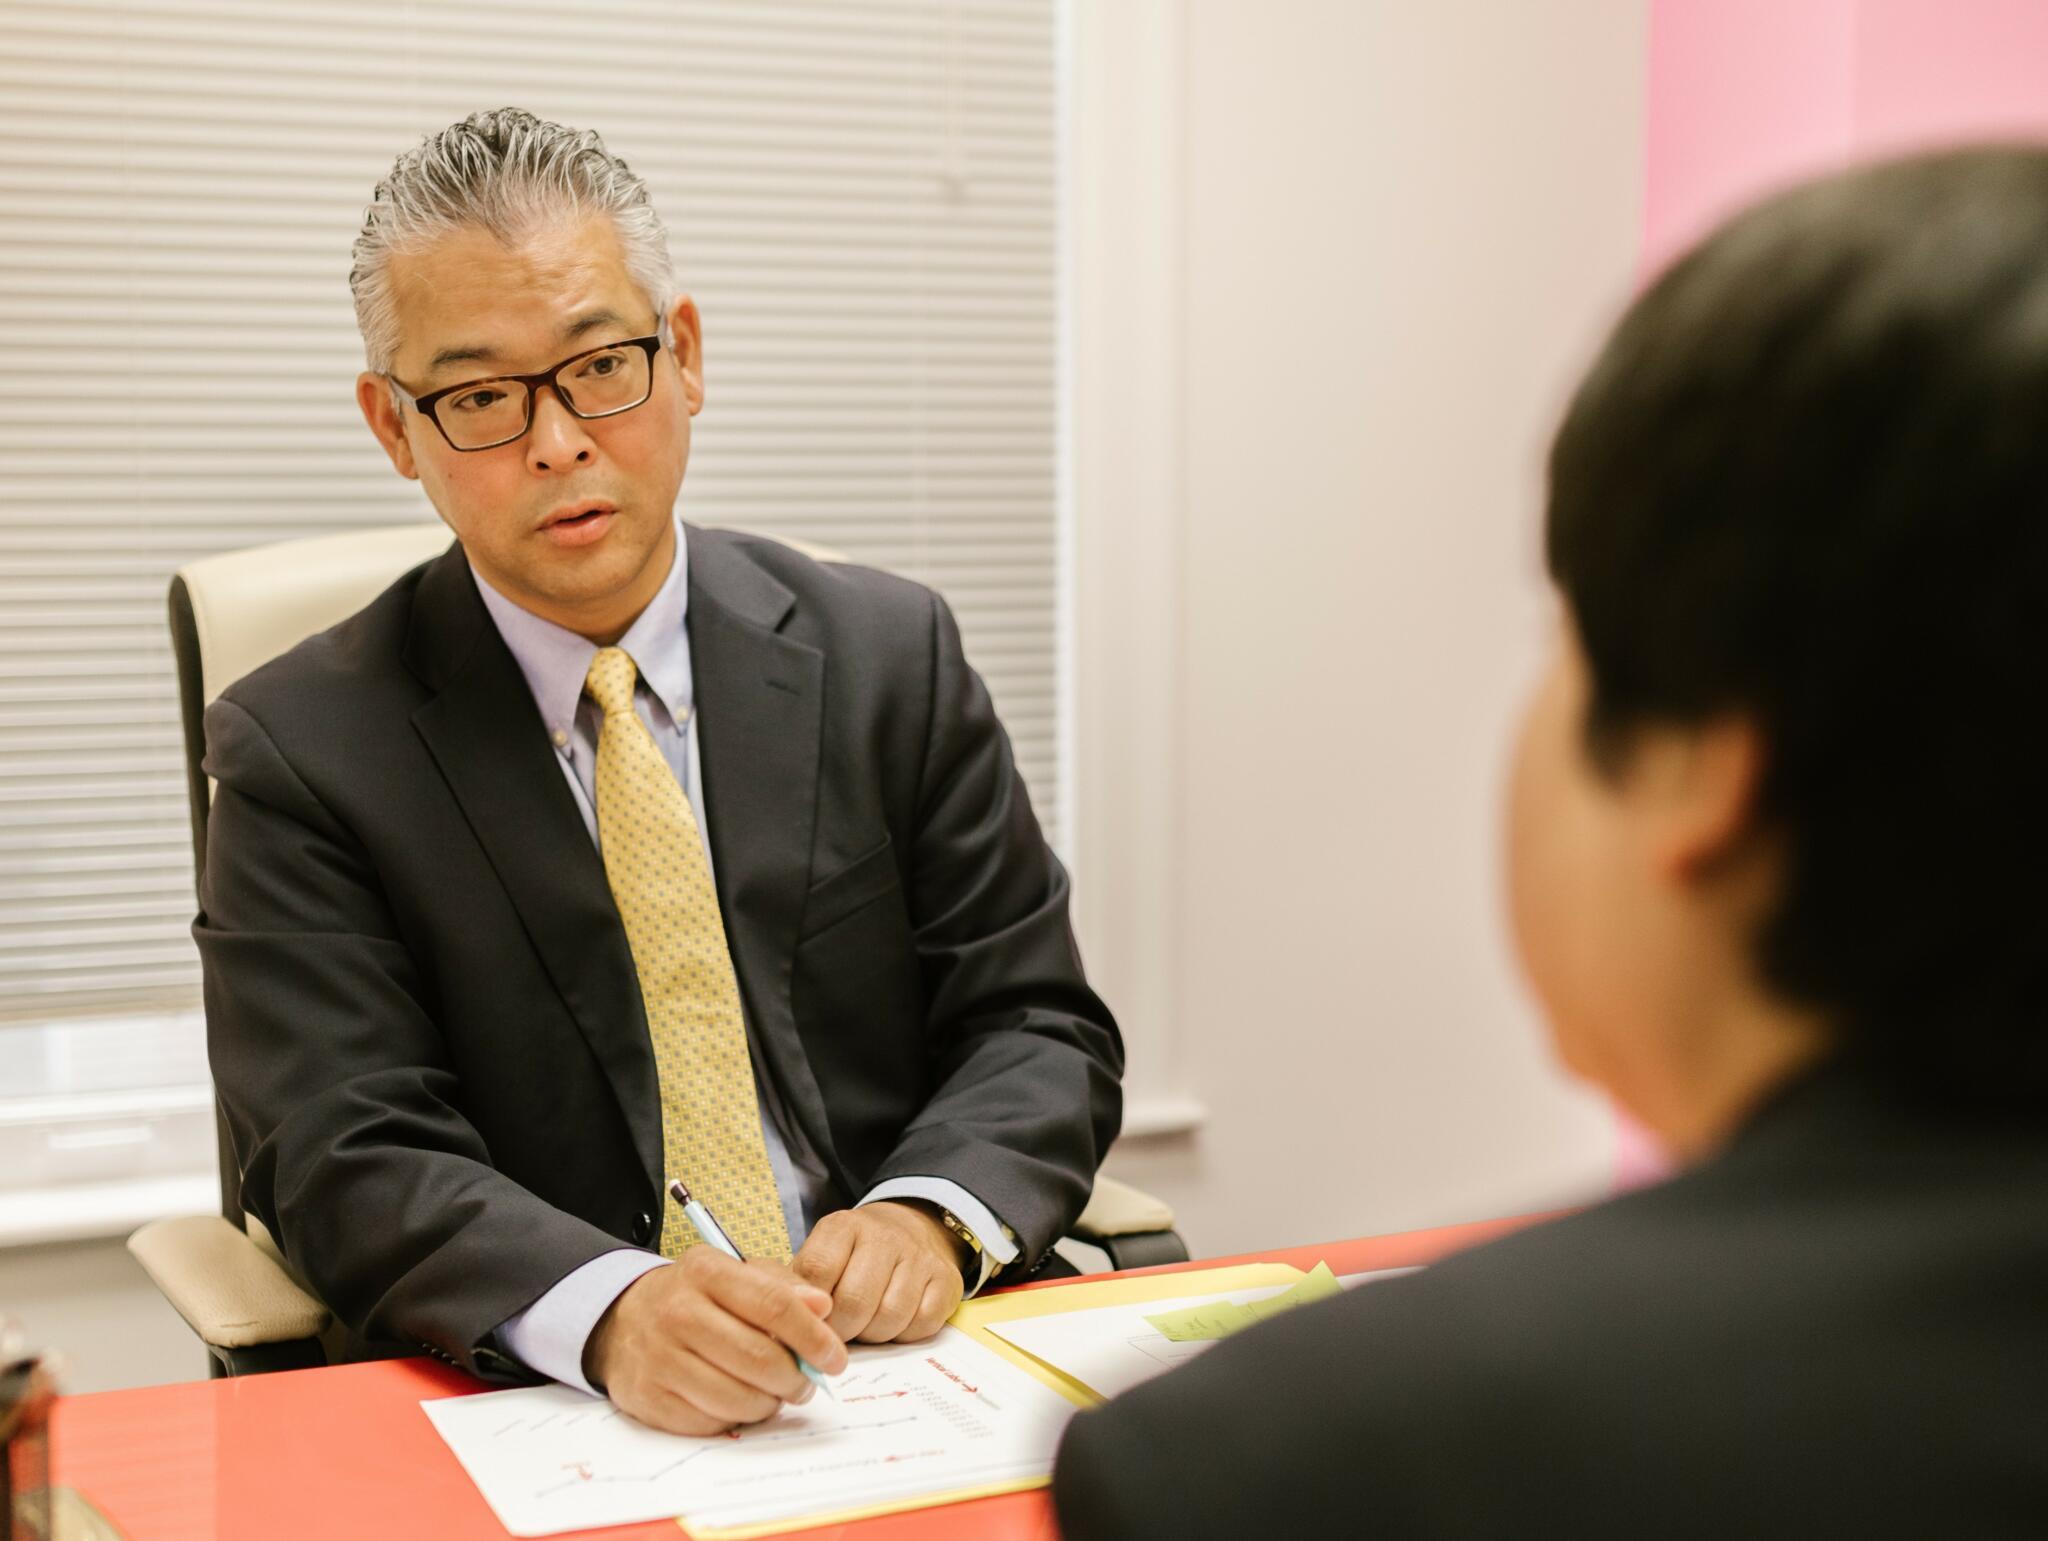 國戰會論壇》不加入CPTPP 台灣會被雙重邊緣化?